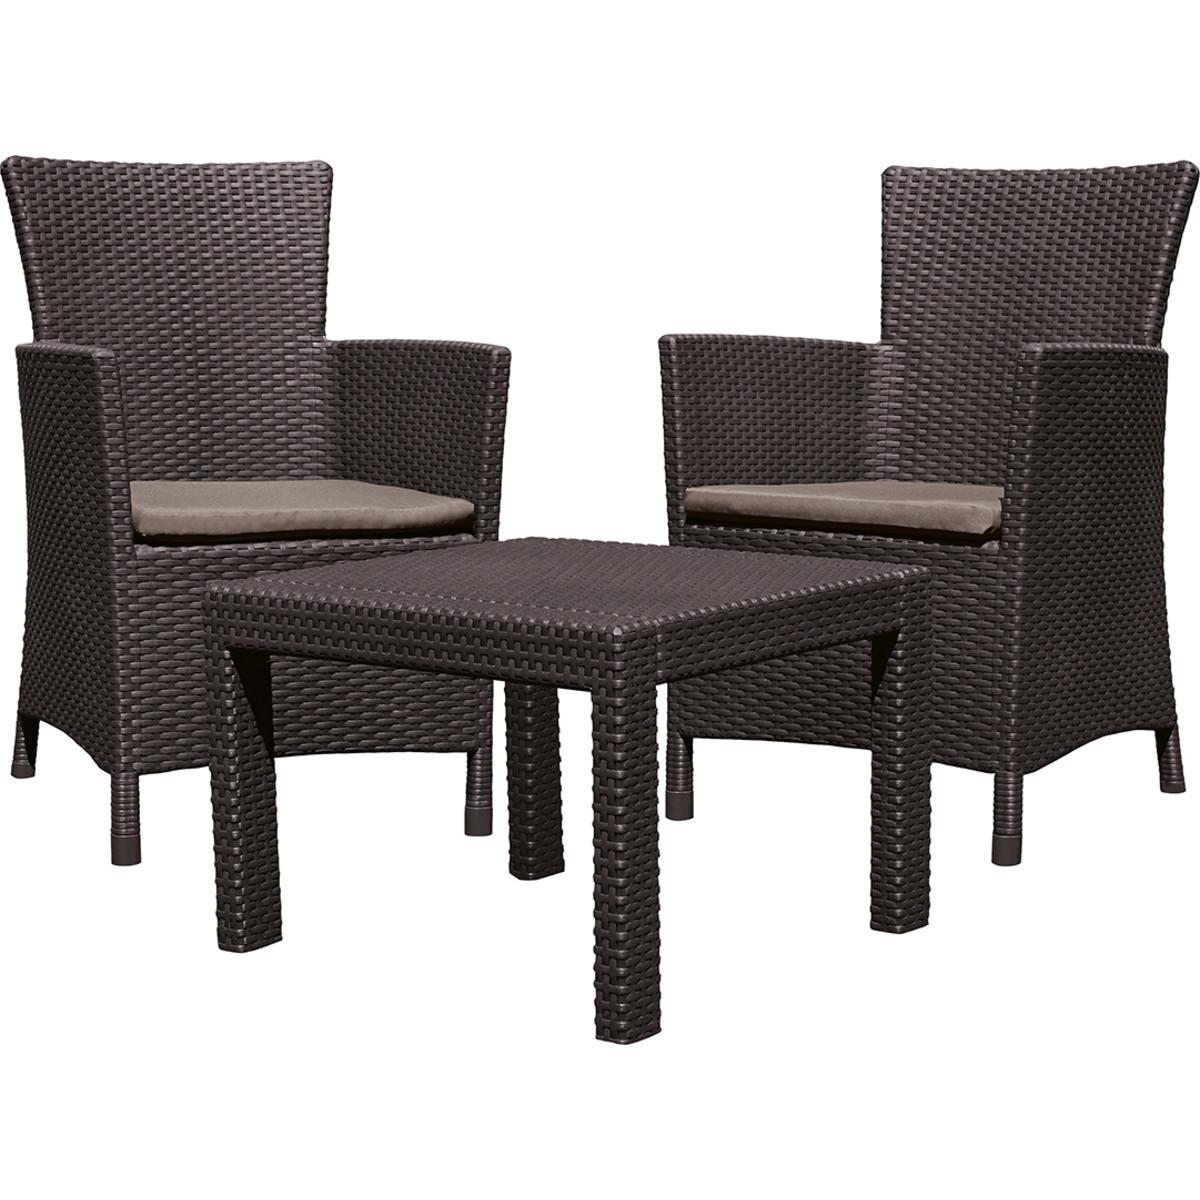 Набор садовой мебели Keter Rosario полиротанг коричневый стол и 2 кресла